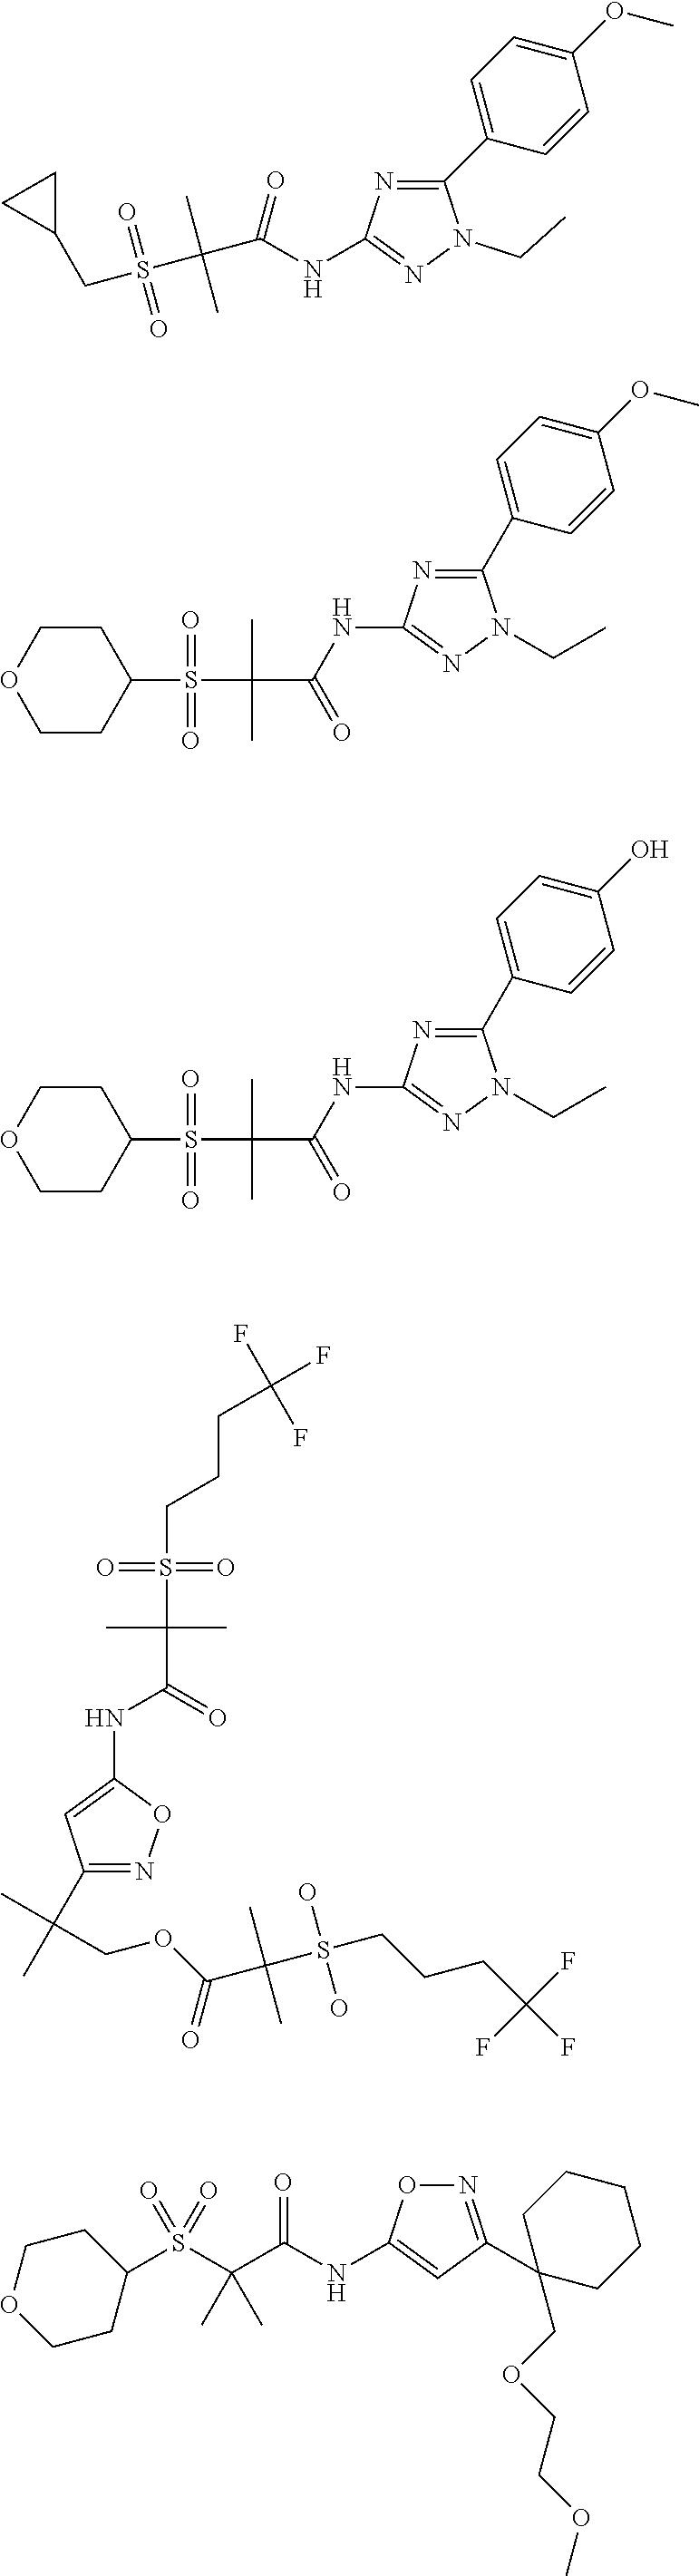 Figure US08372874-20130212-C00472